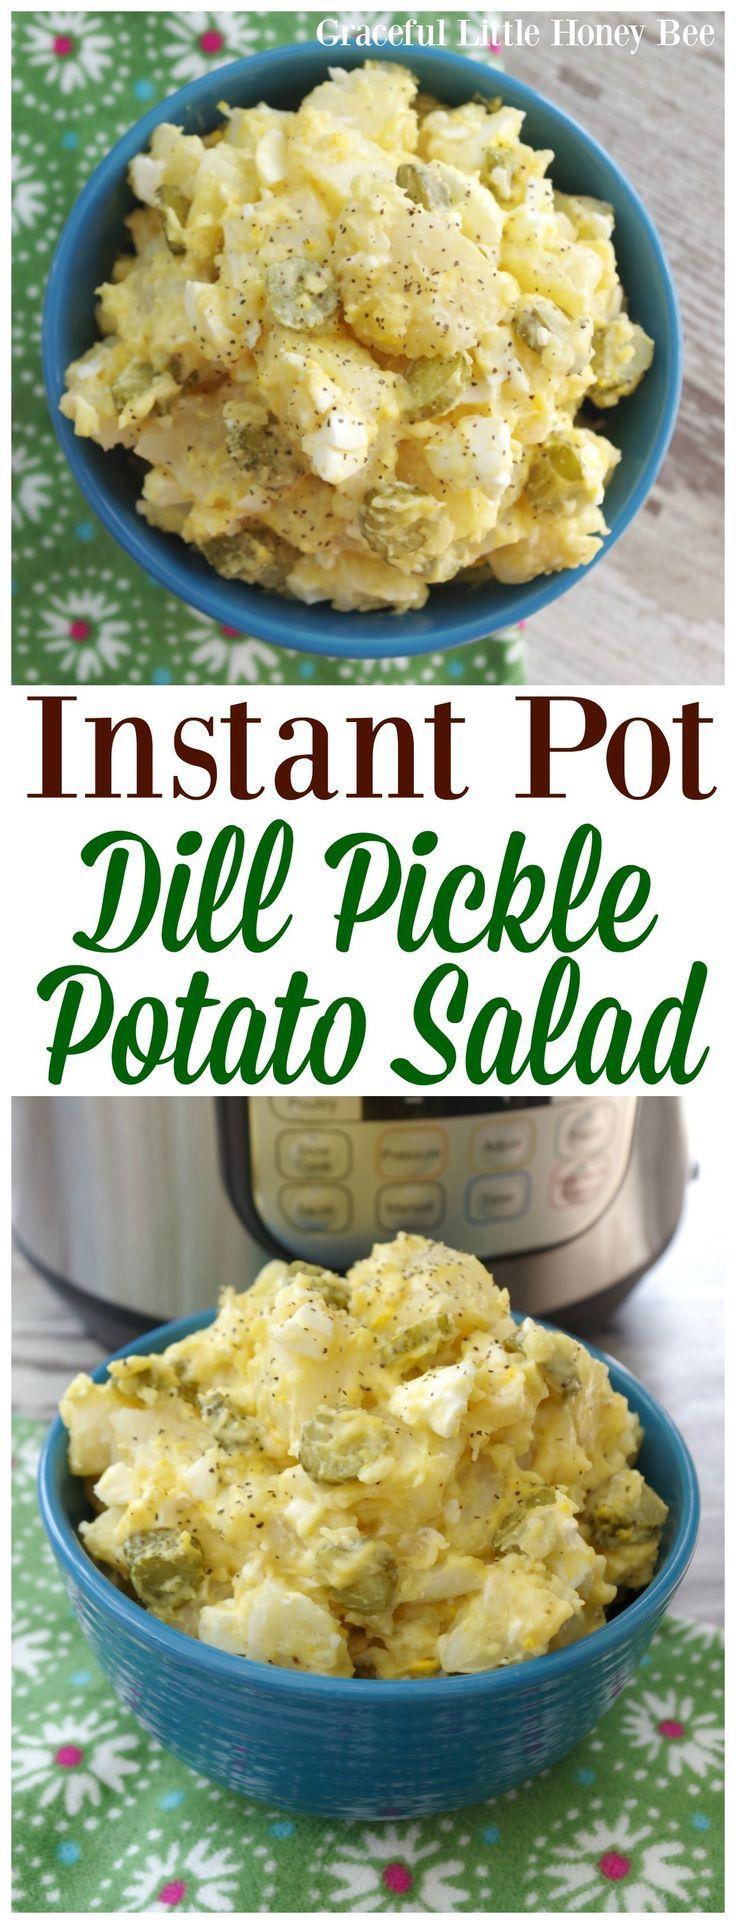 Instant Pot Dill Pickle Potato Salad images